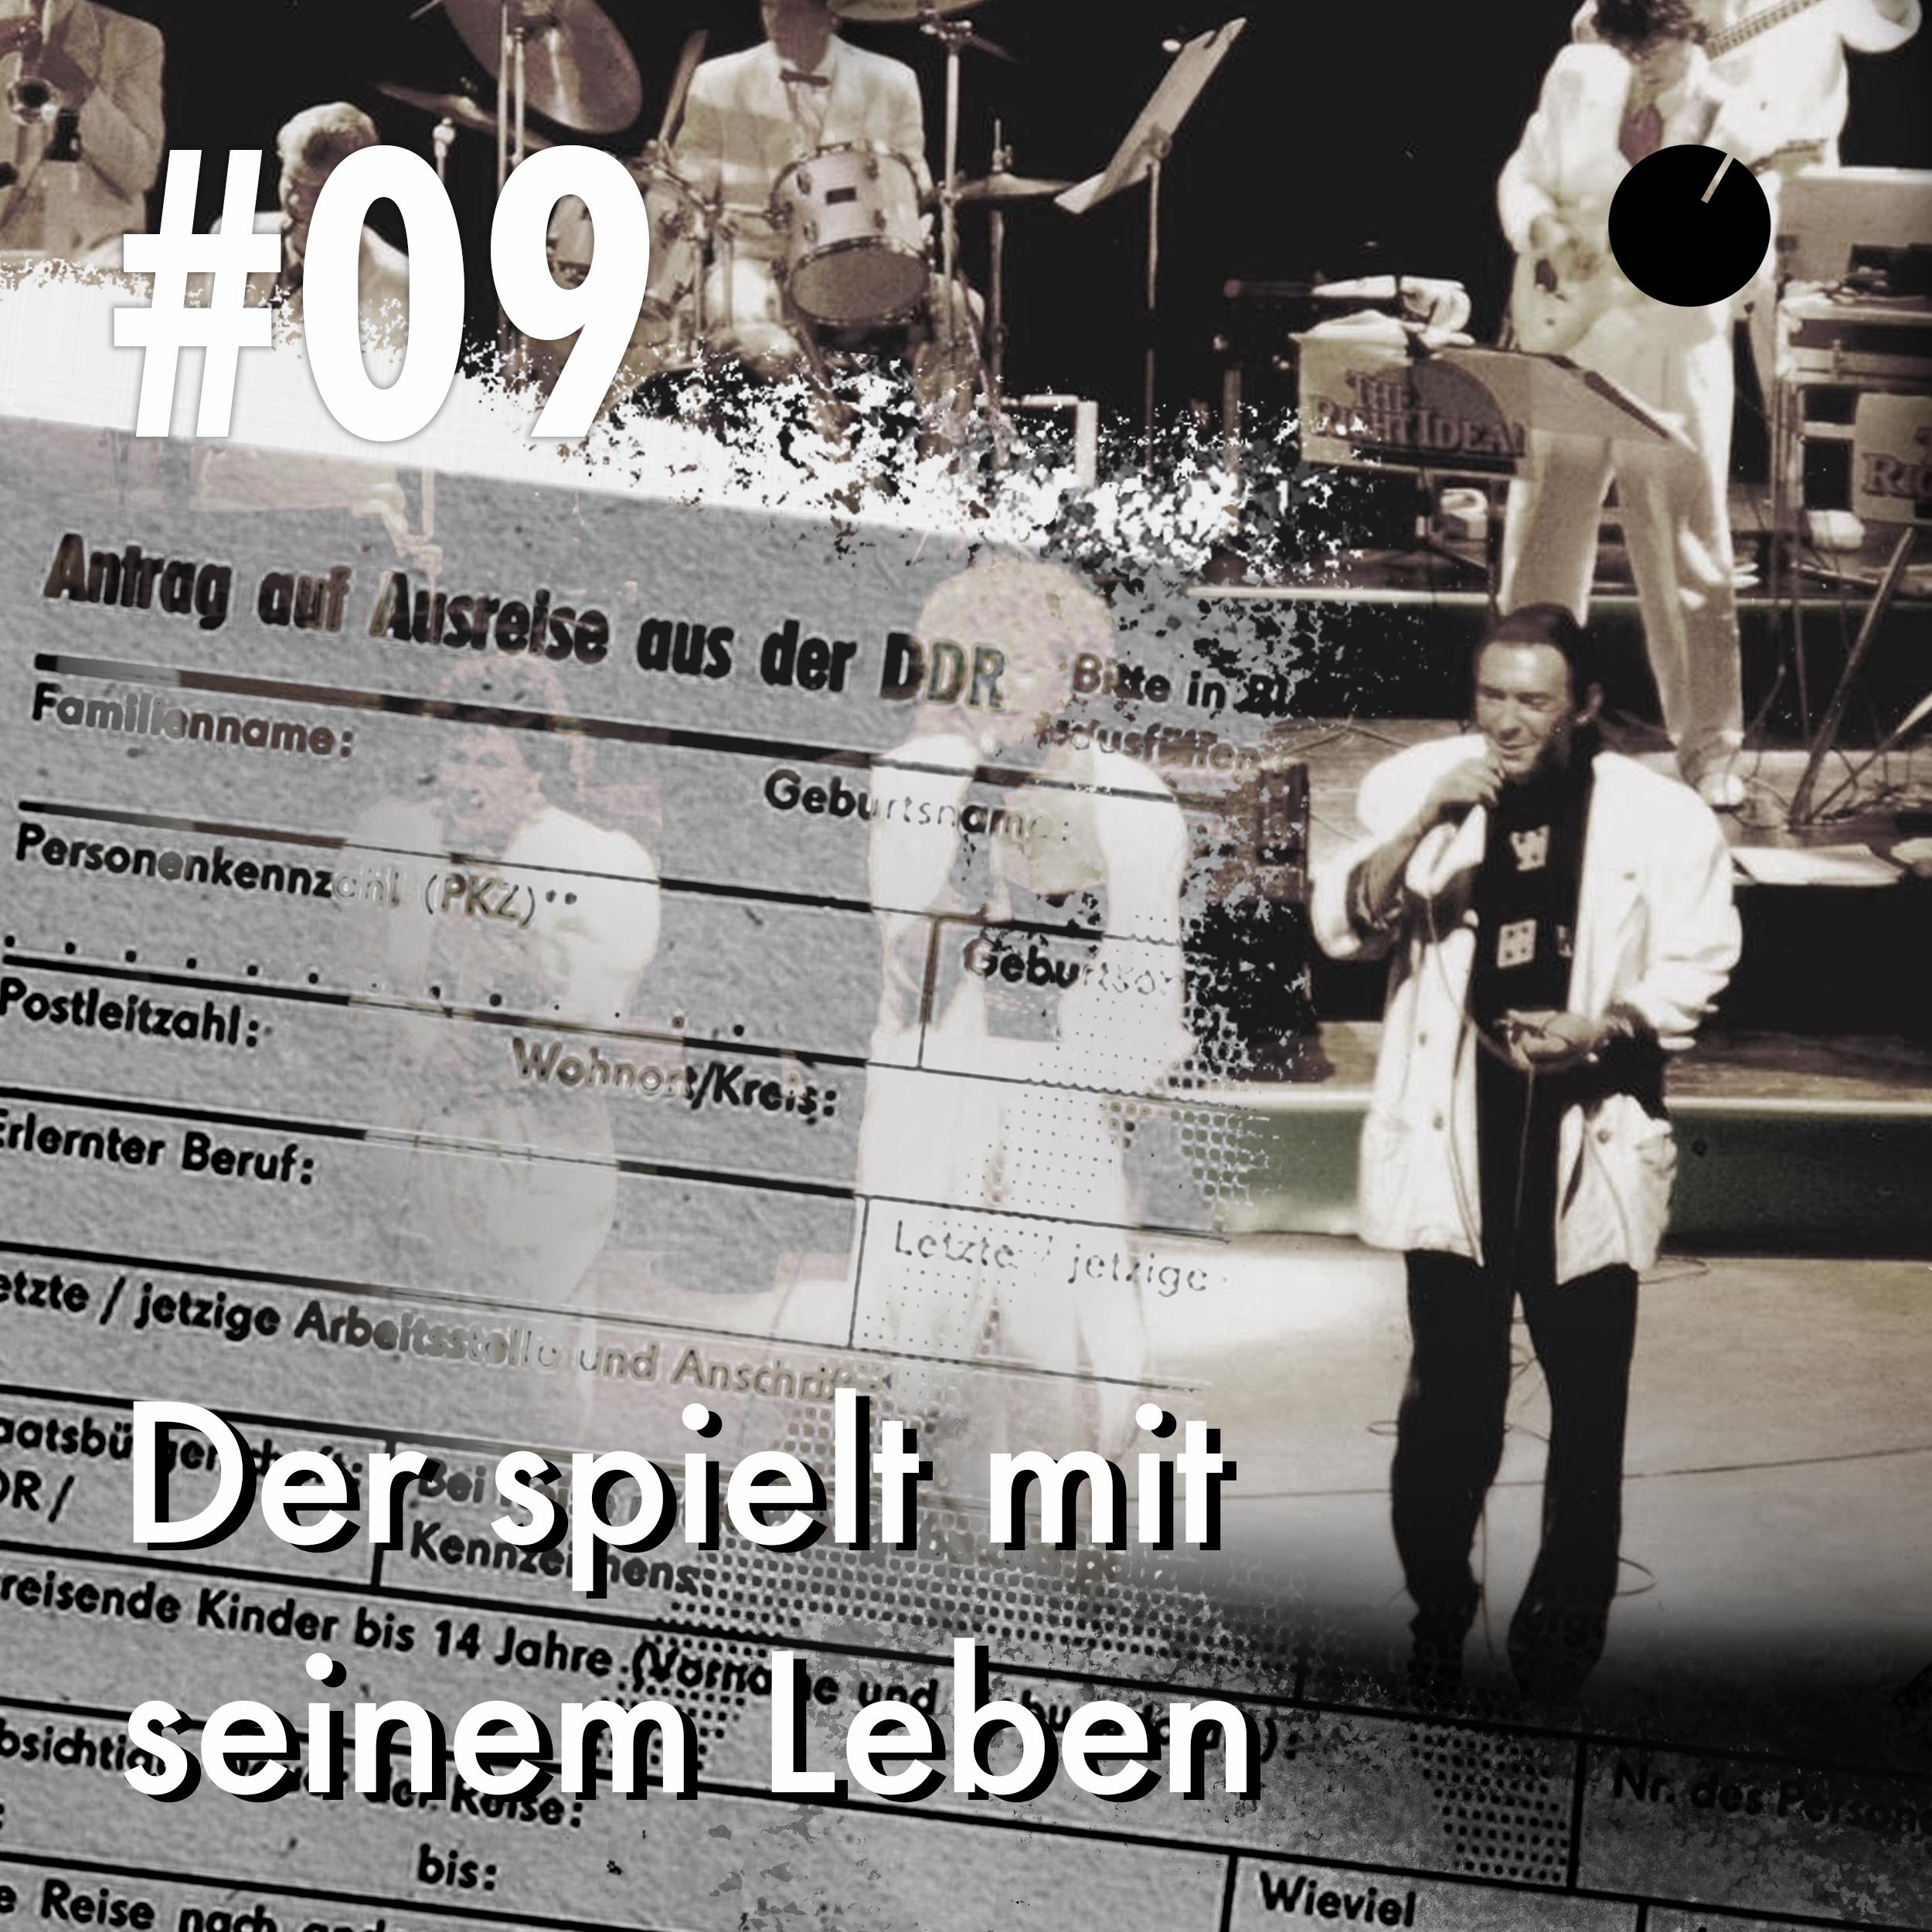 #09 Der spielt mit seinem Leben